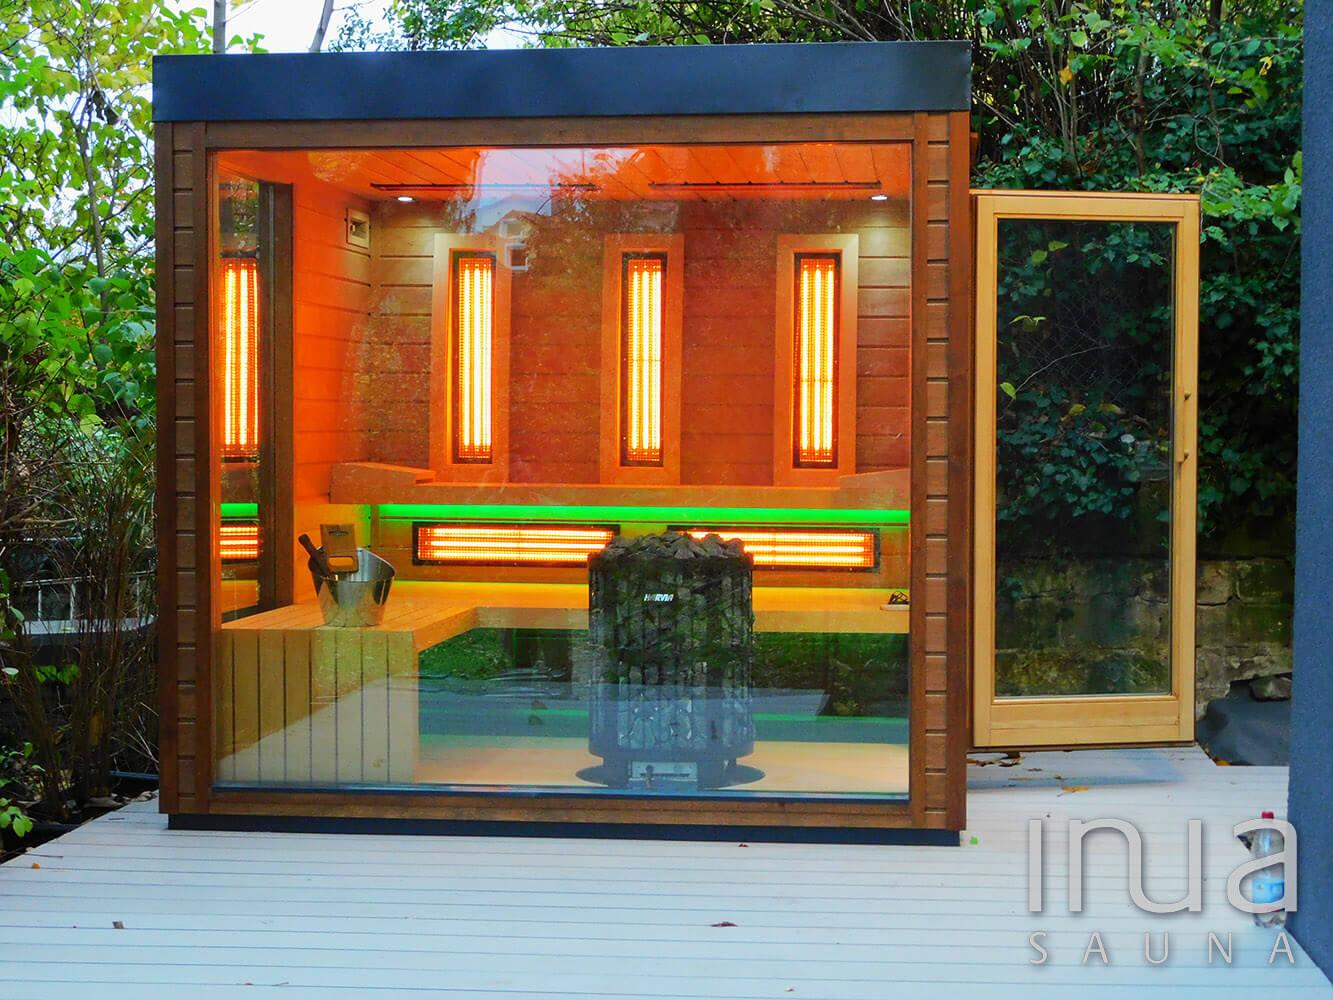 Kültéri kombinált szauna a családok számára, panoráma üveggel. | Inua Szauna Kft.